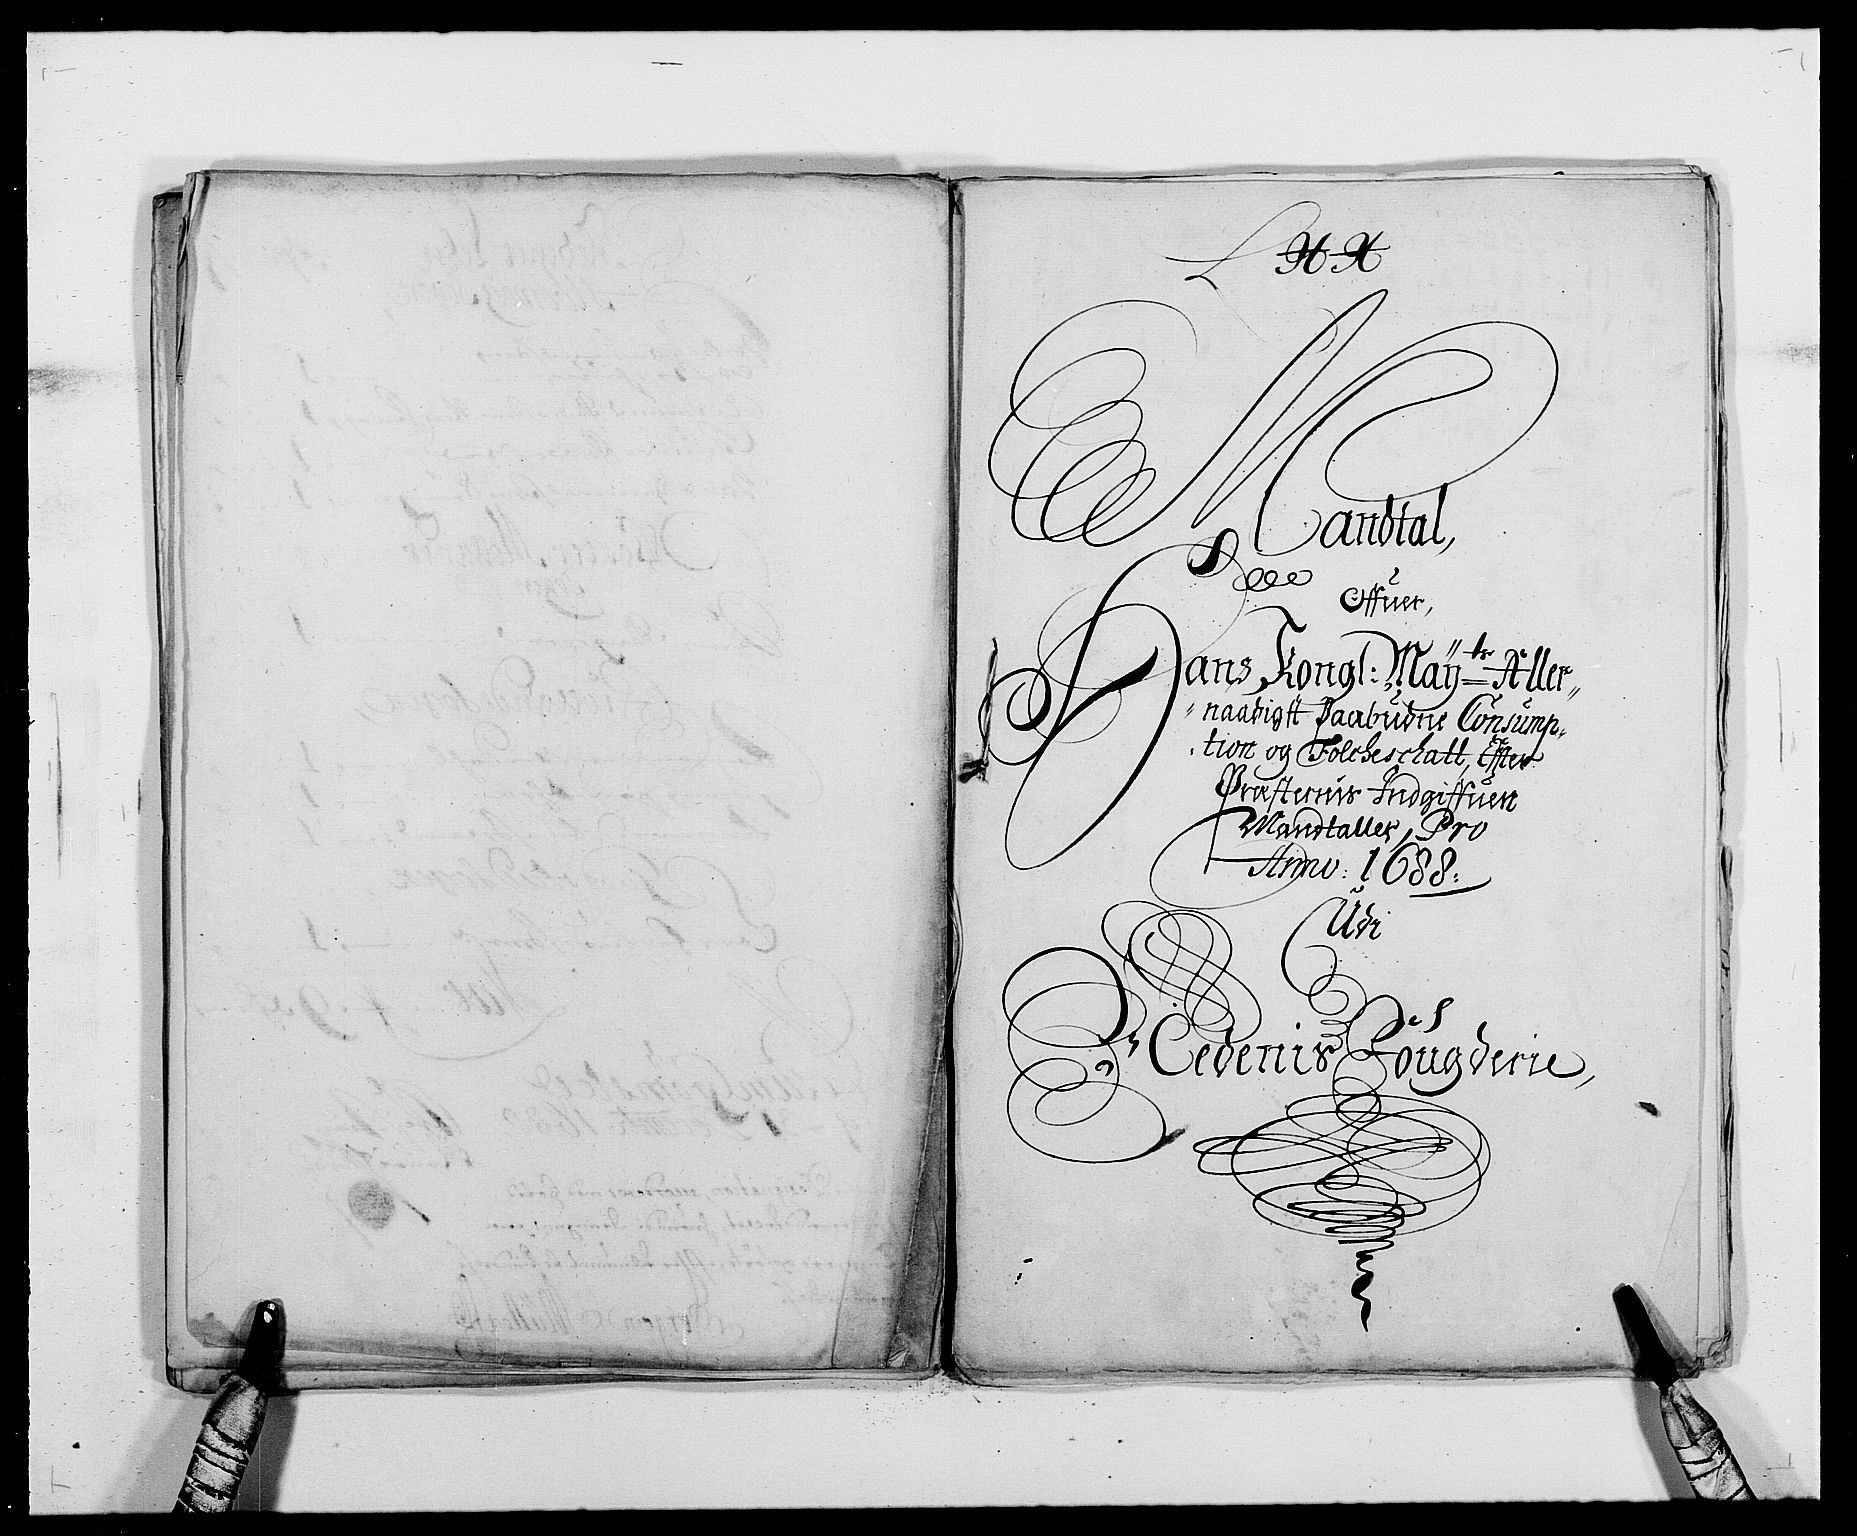 RA, Rentekammeret inntil 1814, Reviderte regnskaper, Fogderegnskap, R39/L2309: Fogderegnskap Nedenes, 1684-1689, s. 233